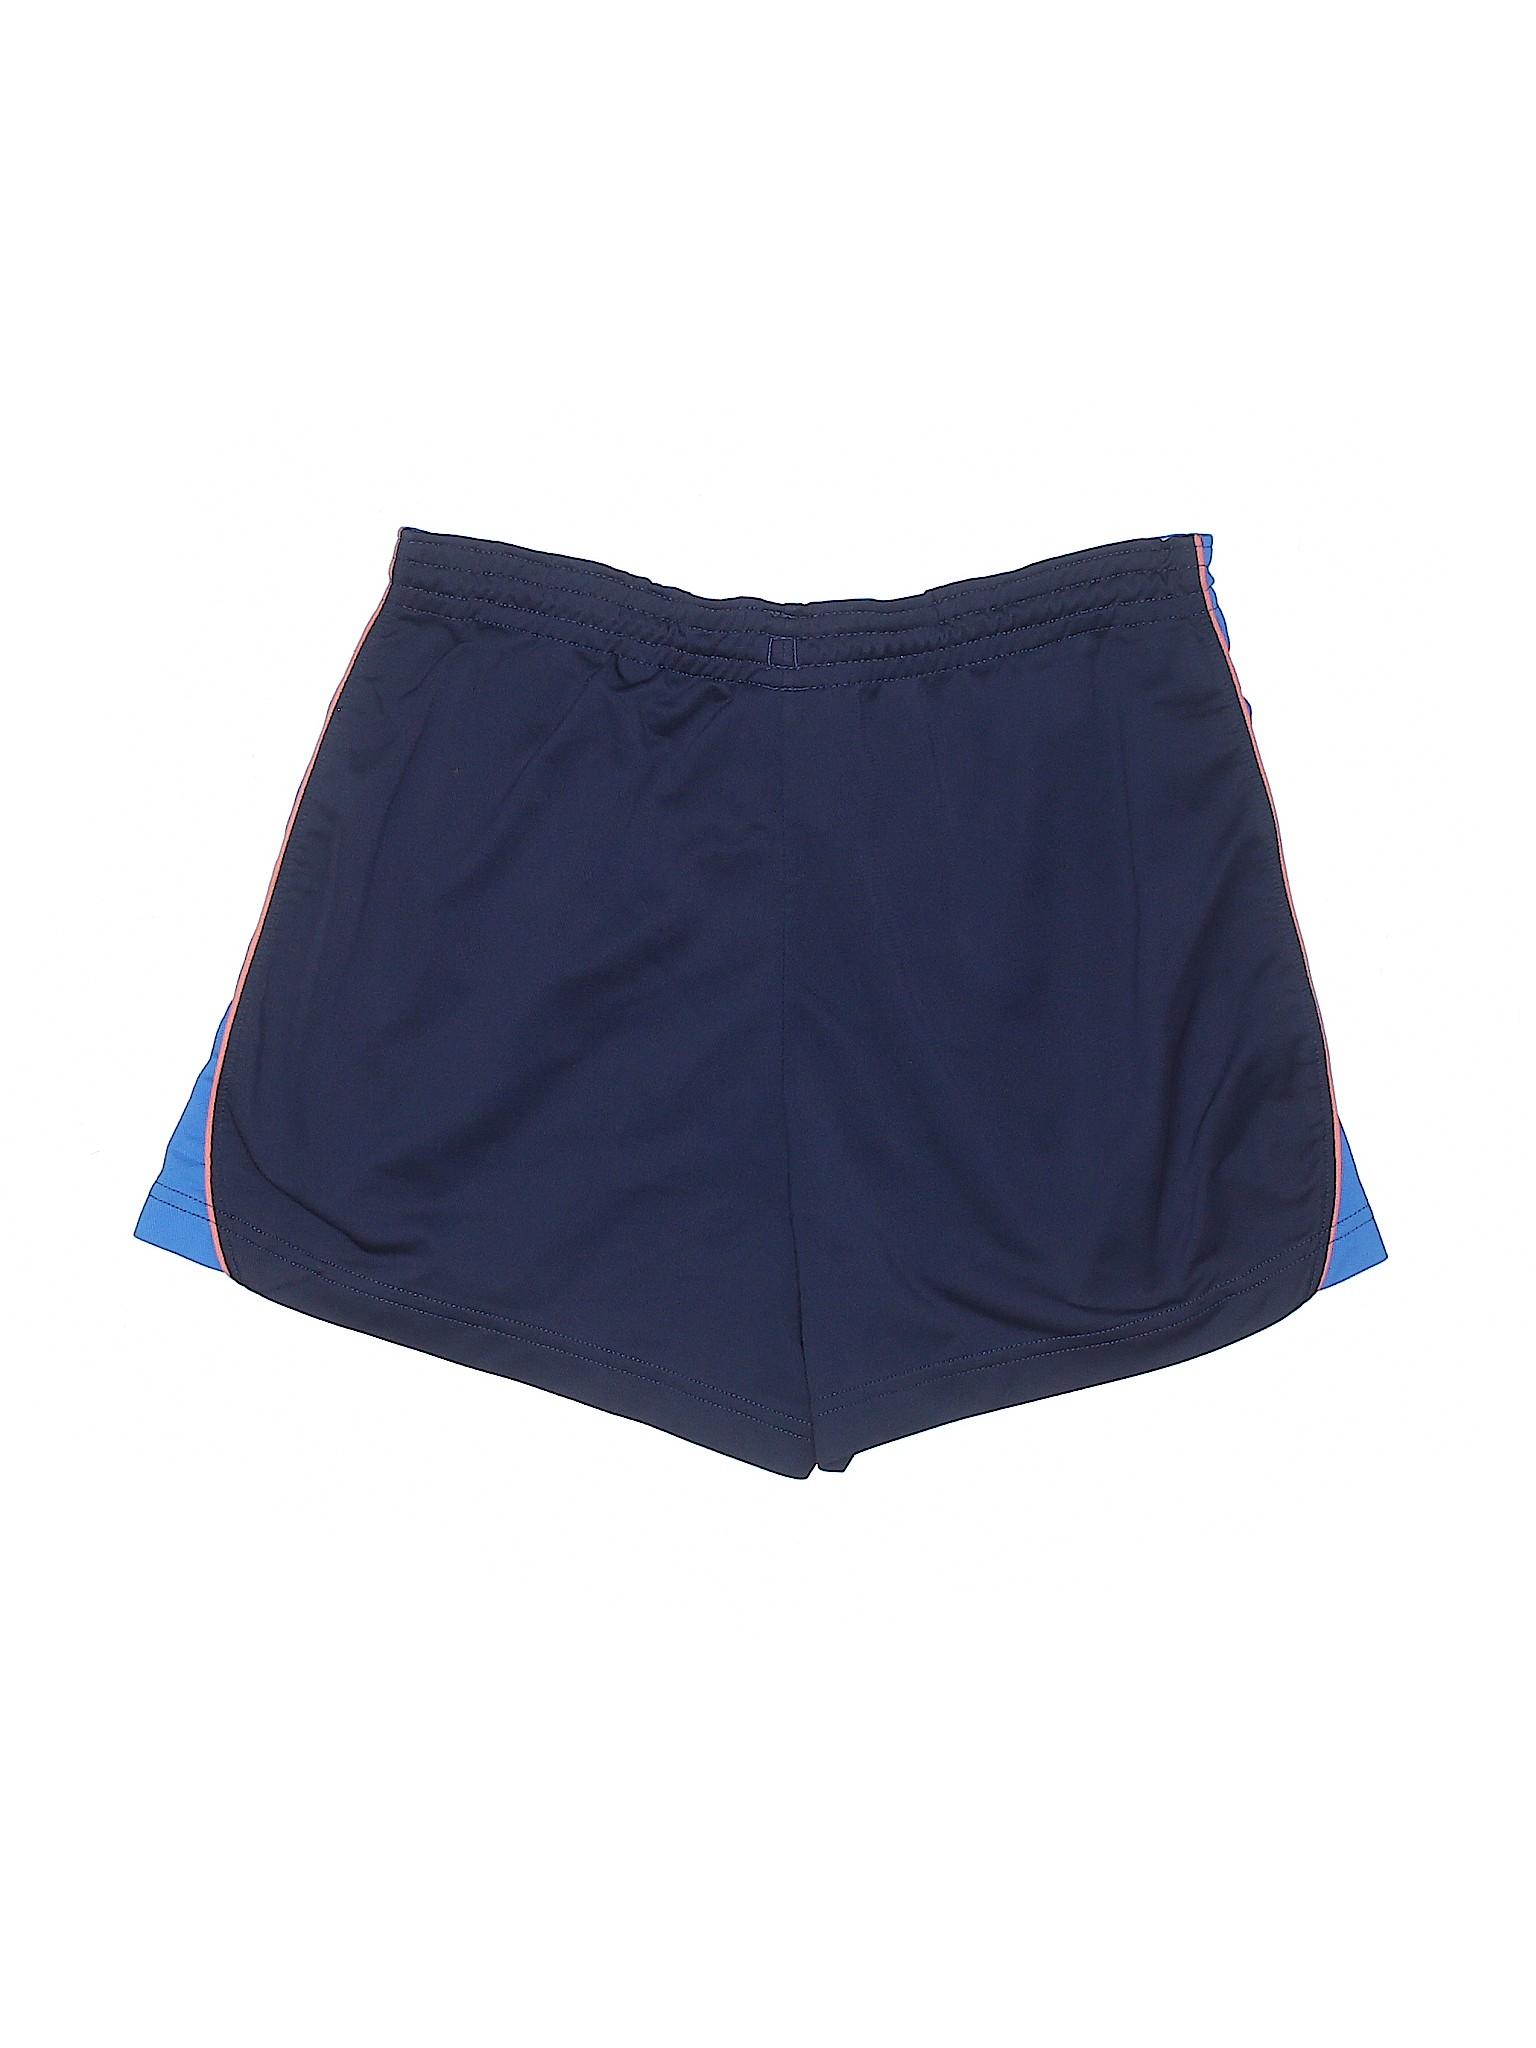 Shorts Boutique Nike Boutique Nike Athletic wRZ1YPq